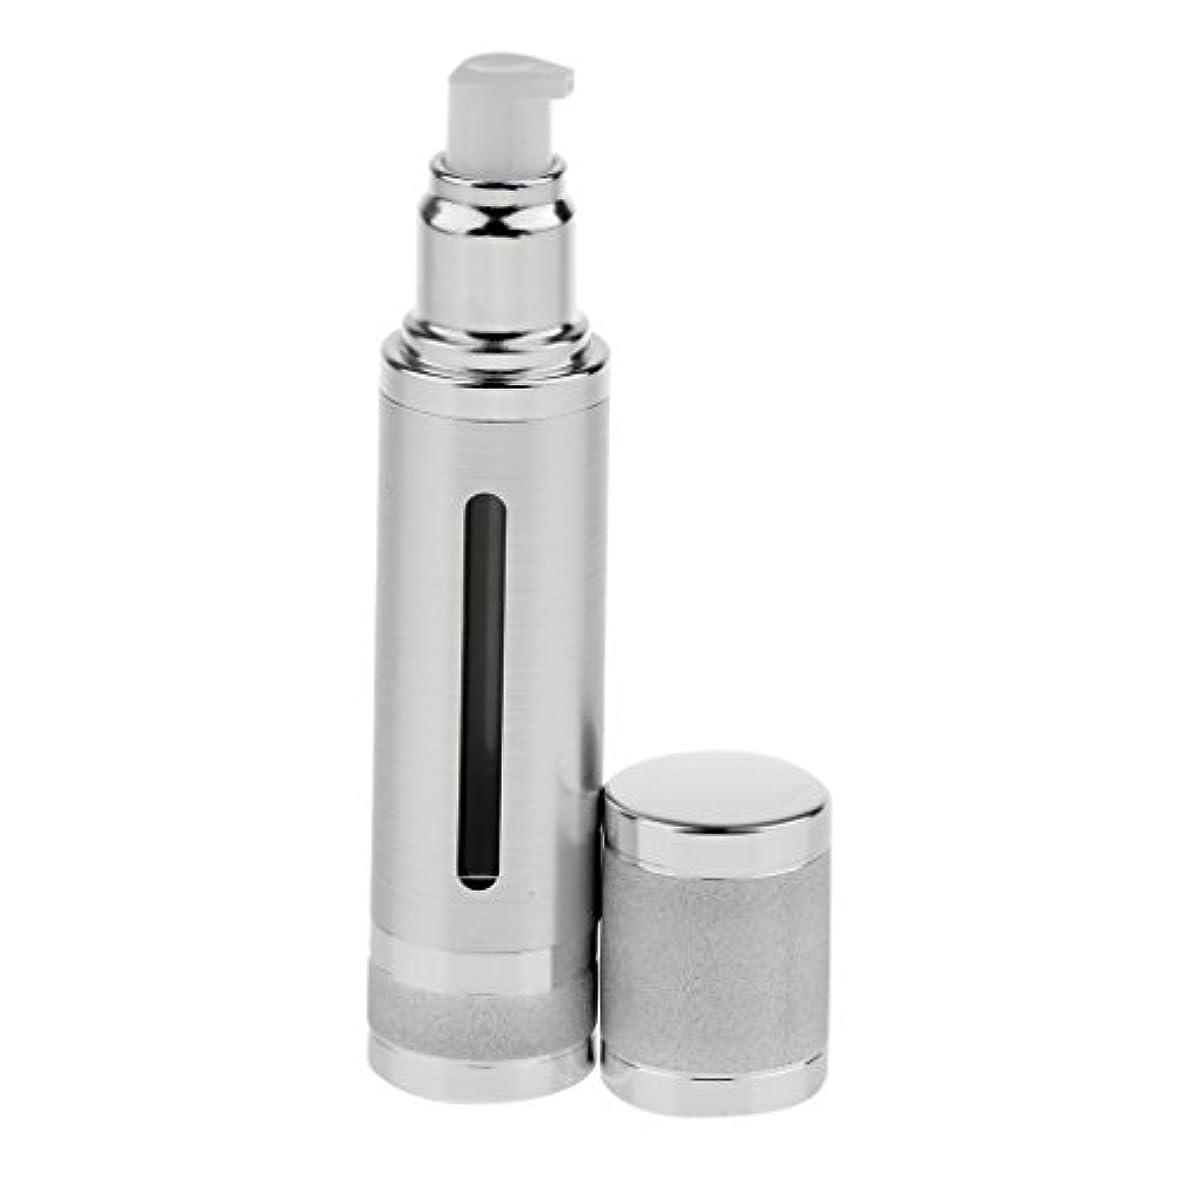 ごめんなさいブート止まるKesoto エアレスボトル 50ml エアレス ポンプボトル ローション クリーム 化粧品 詰め替え可 容器 2色選べる - 銀